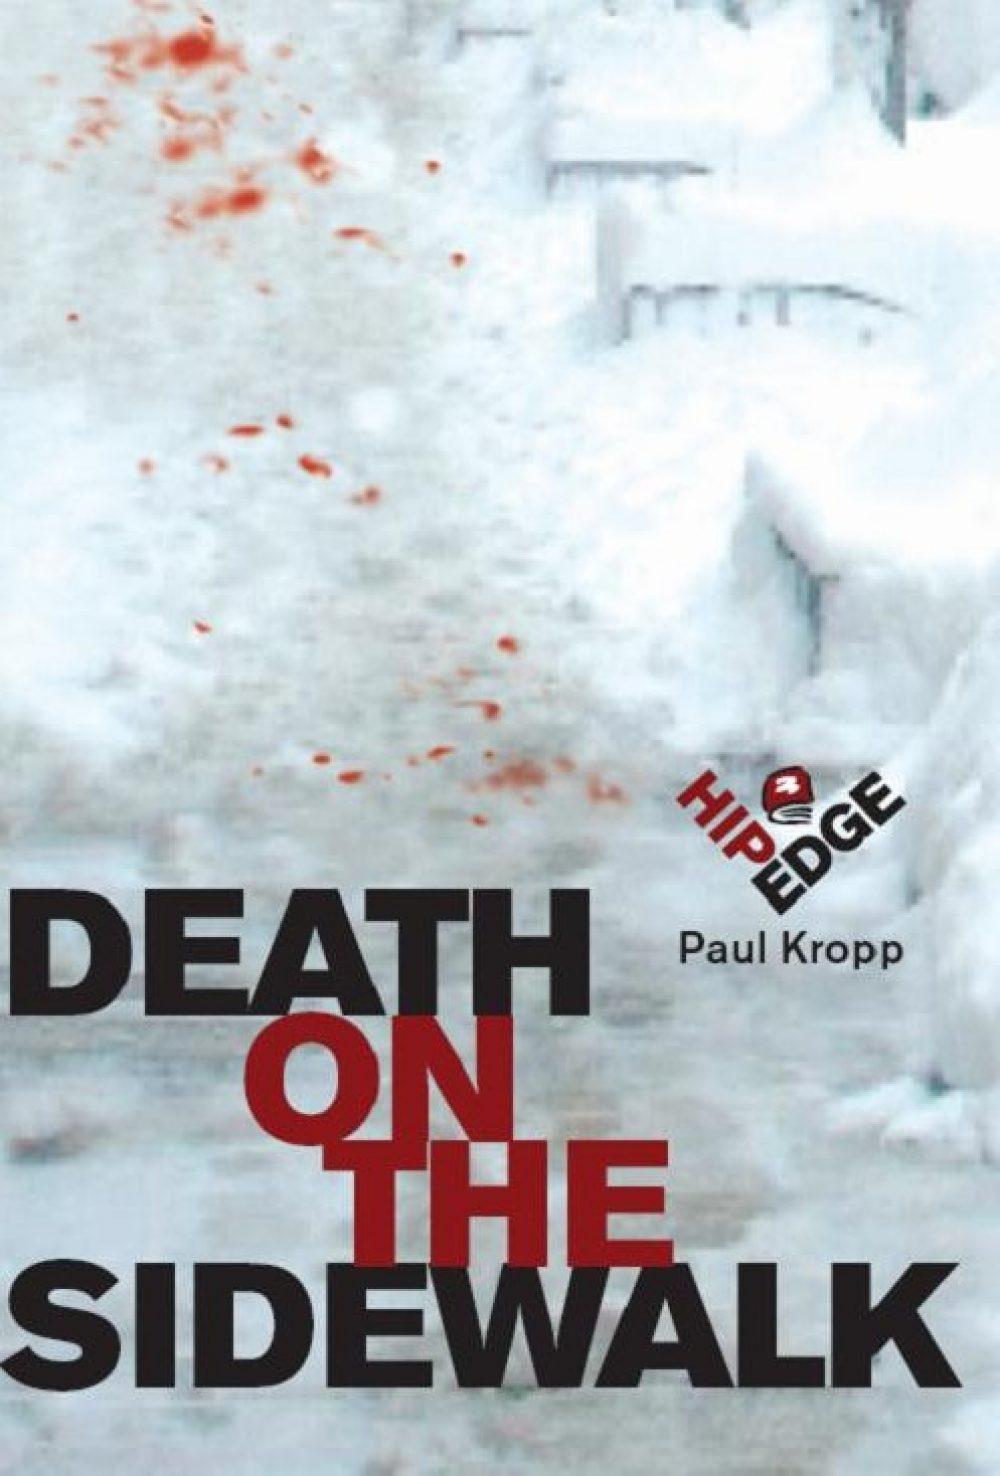 Death on the Sidewalk